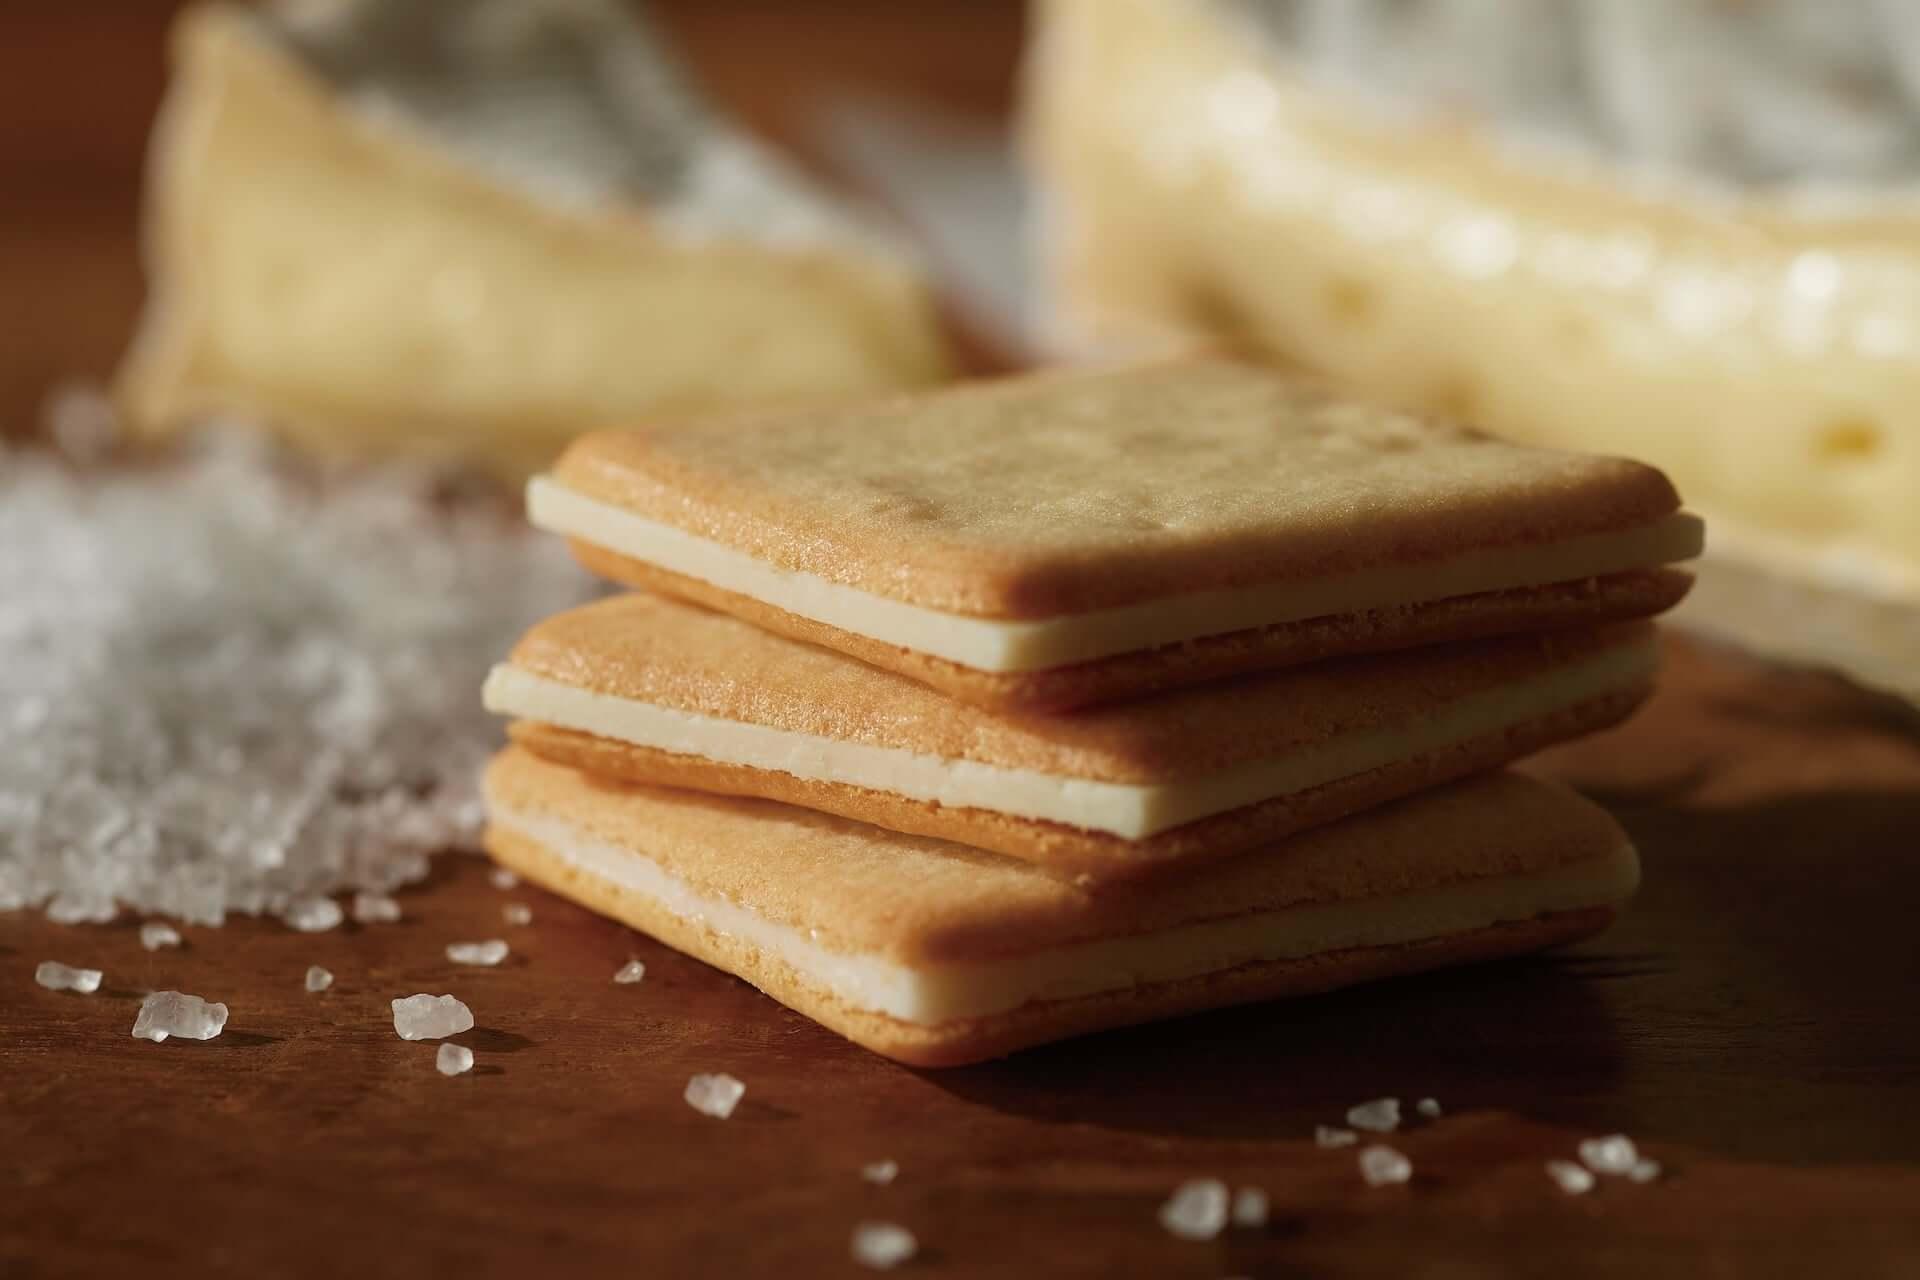 溢れ出るレモンソースを堪能しよう!話題の東京ミルクチーズ工場「Cow Cow Kitchen」に新作『ミルクパイはちみつレモン』が登場 gourmet200730_cowcow-kitchen_4-1920x1280